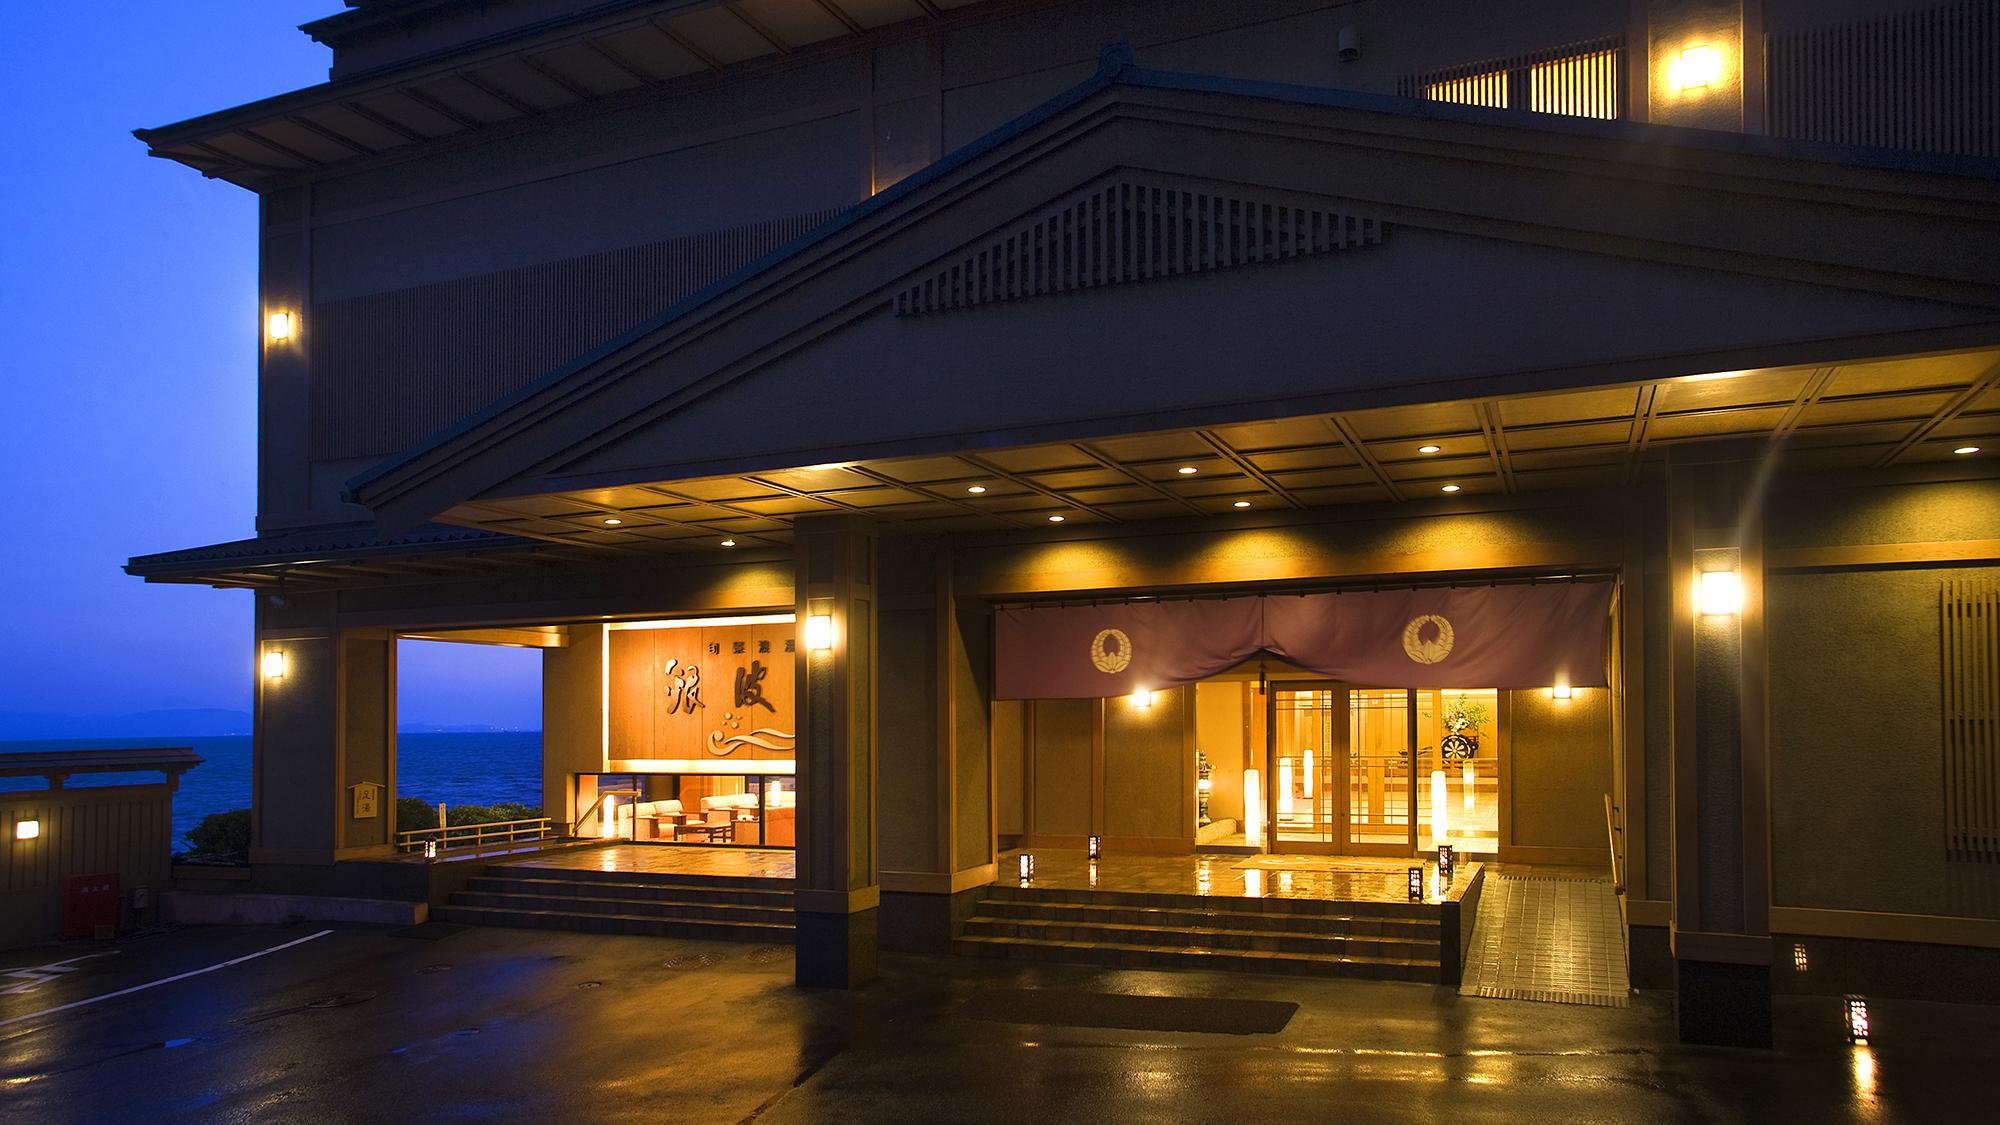 絶景露天に癒され三河の美味を五感で楽しむ宿 旬景浪漫 銀波荘